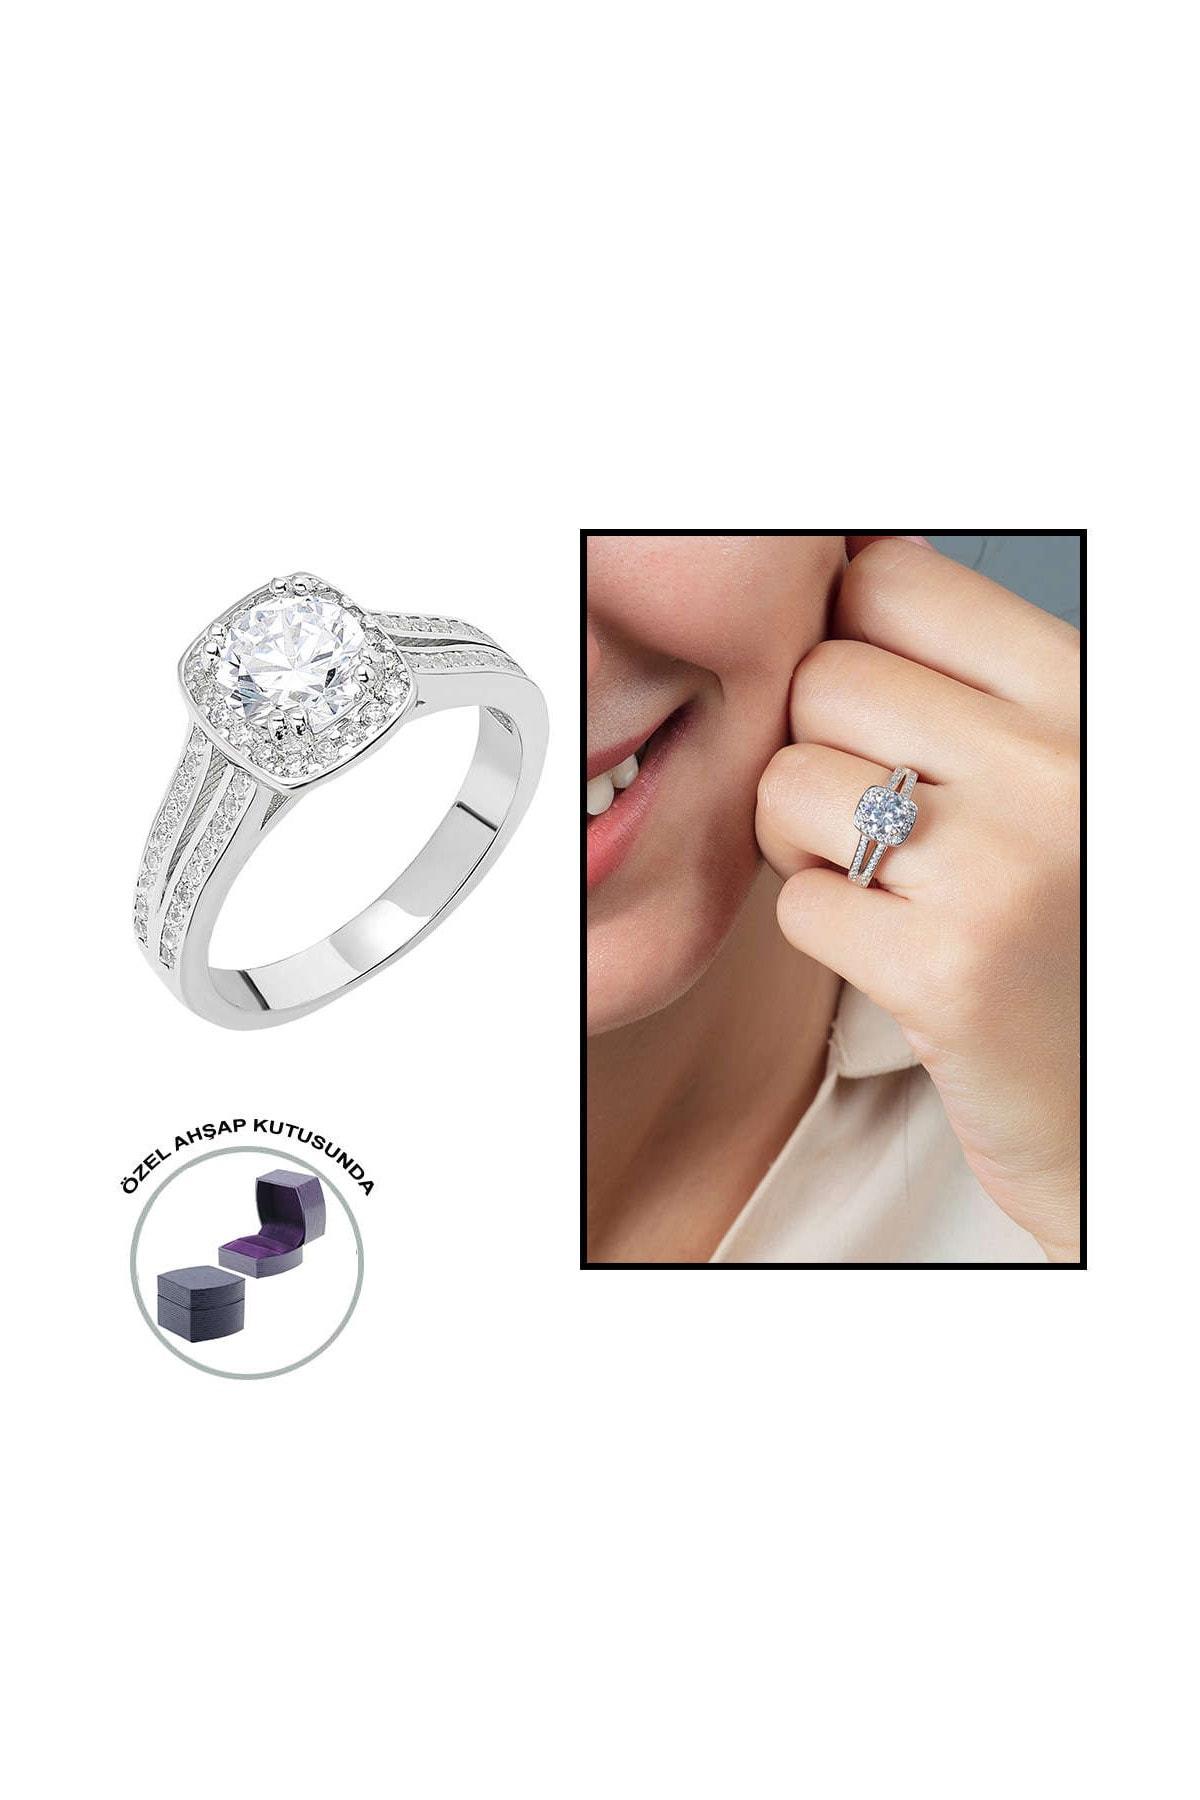 Tesbihane Starlight Diamond Pırlanta Montür Avangarde 925 Ayar Gümüş Bayan Beştaş Yüzük 102001815